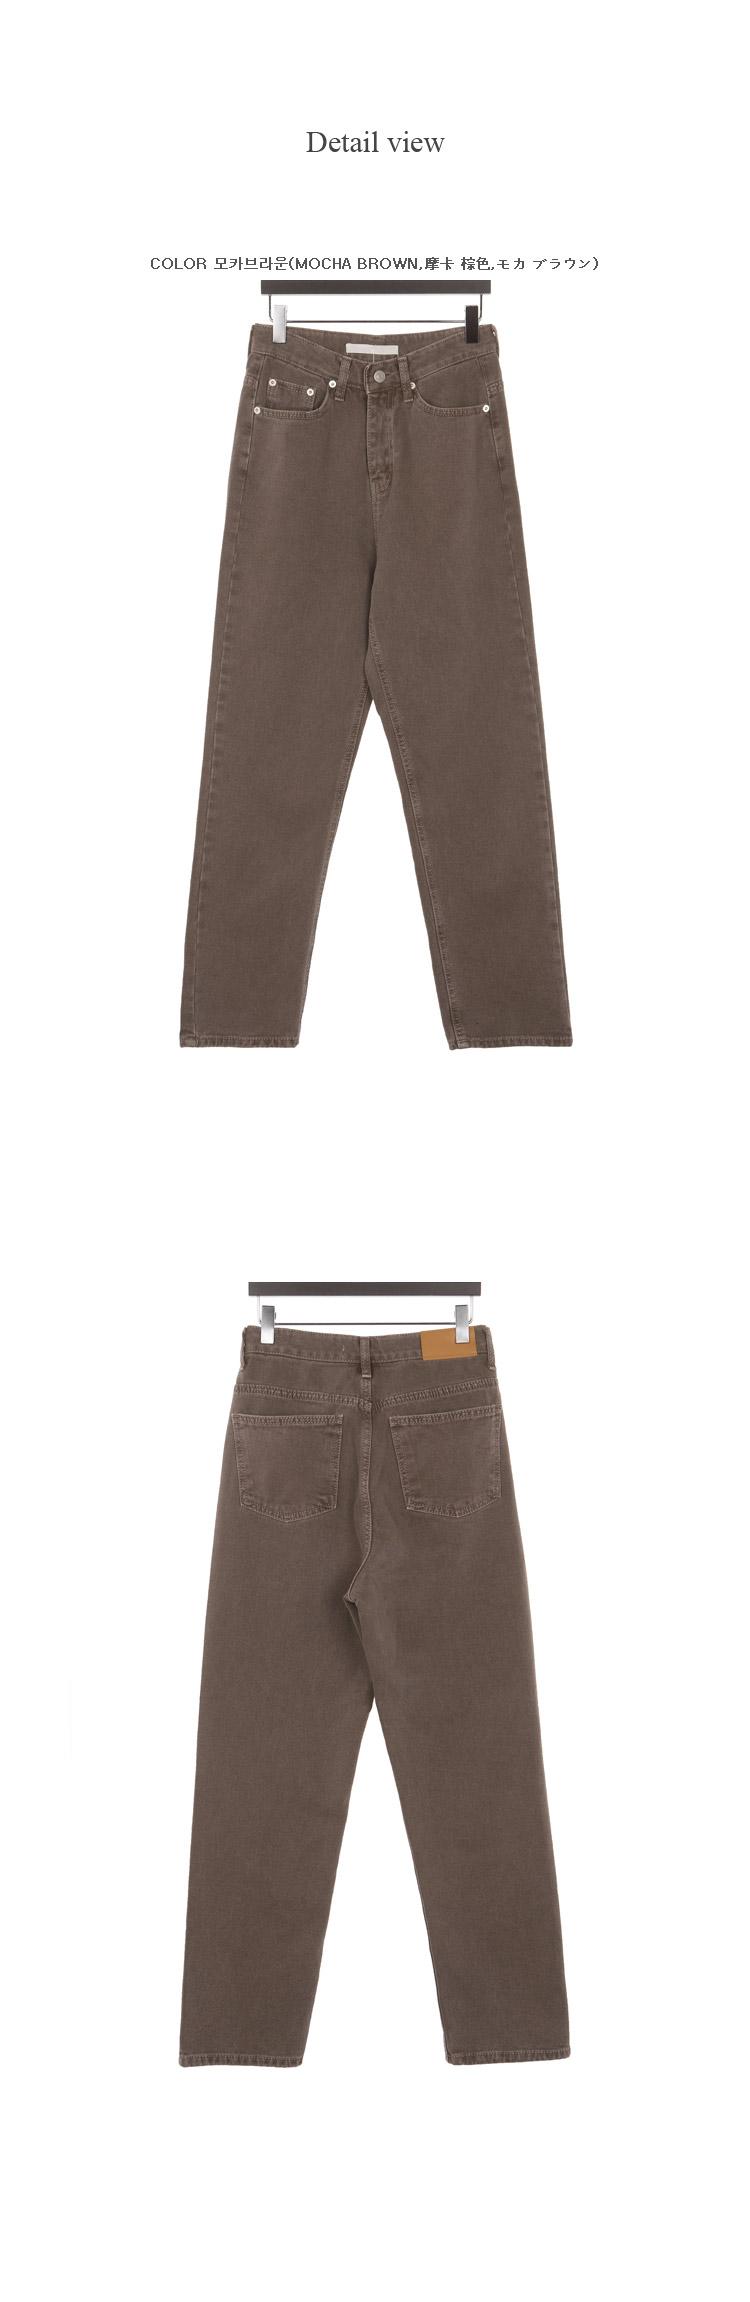 Teijin pants